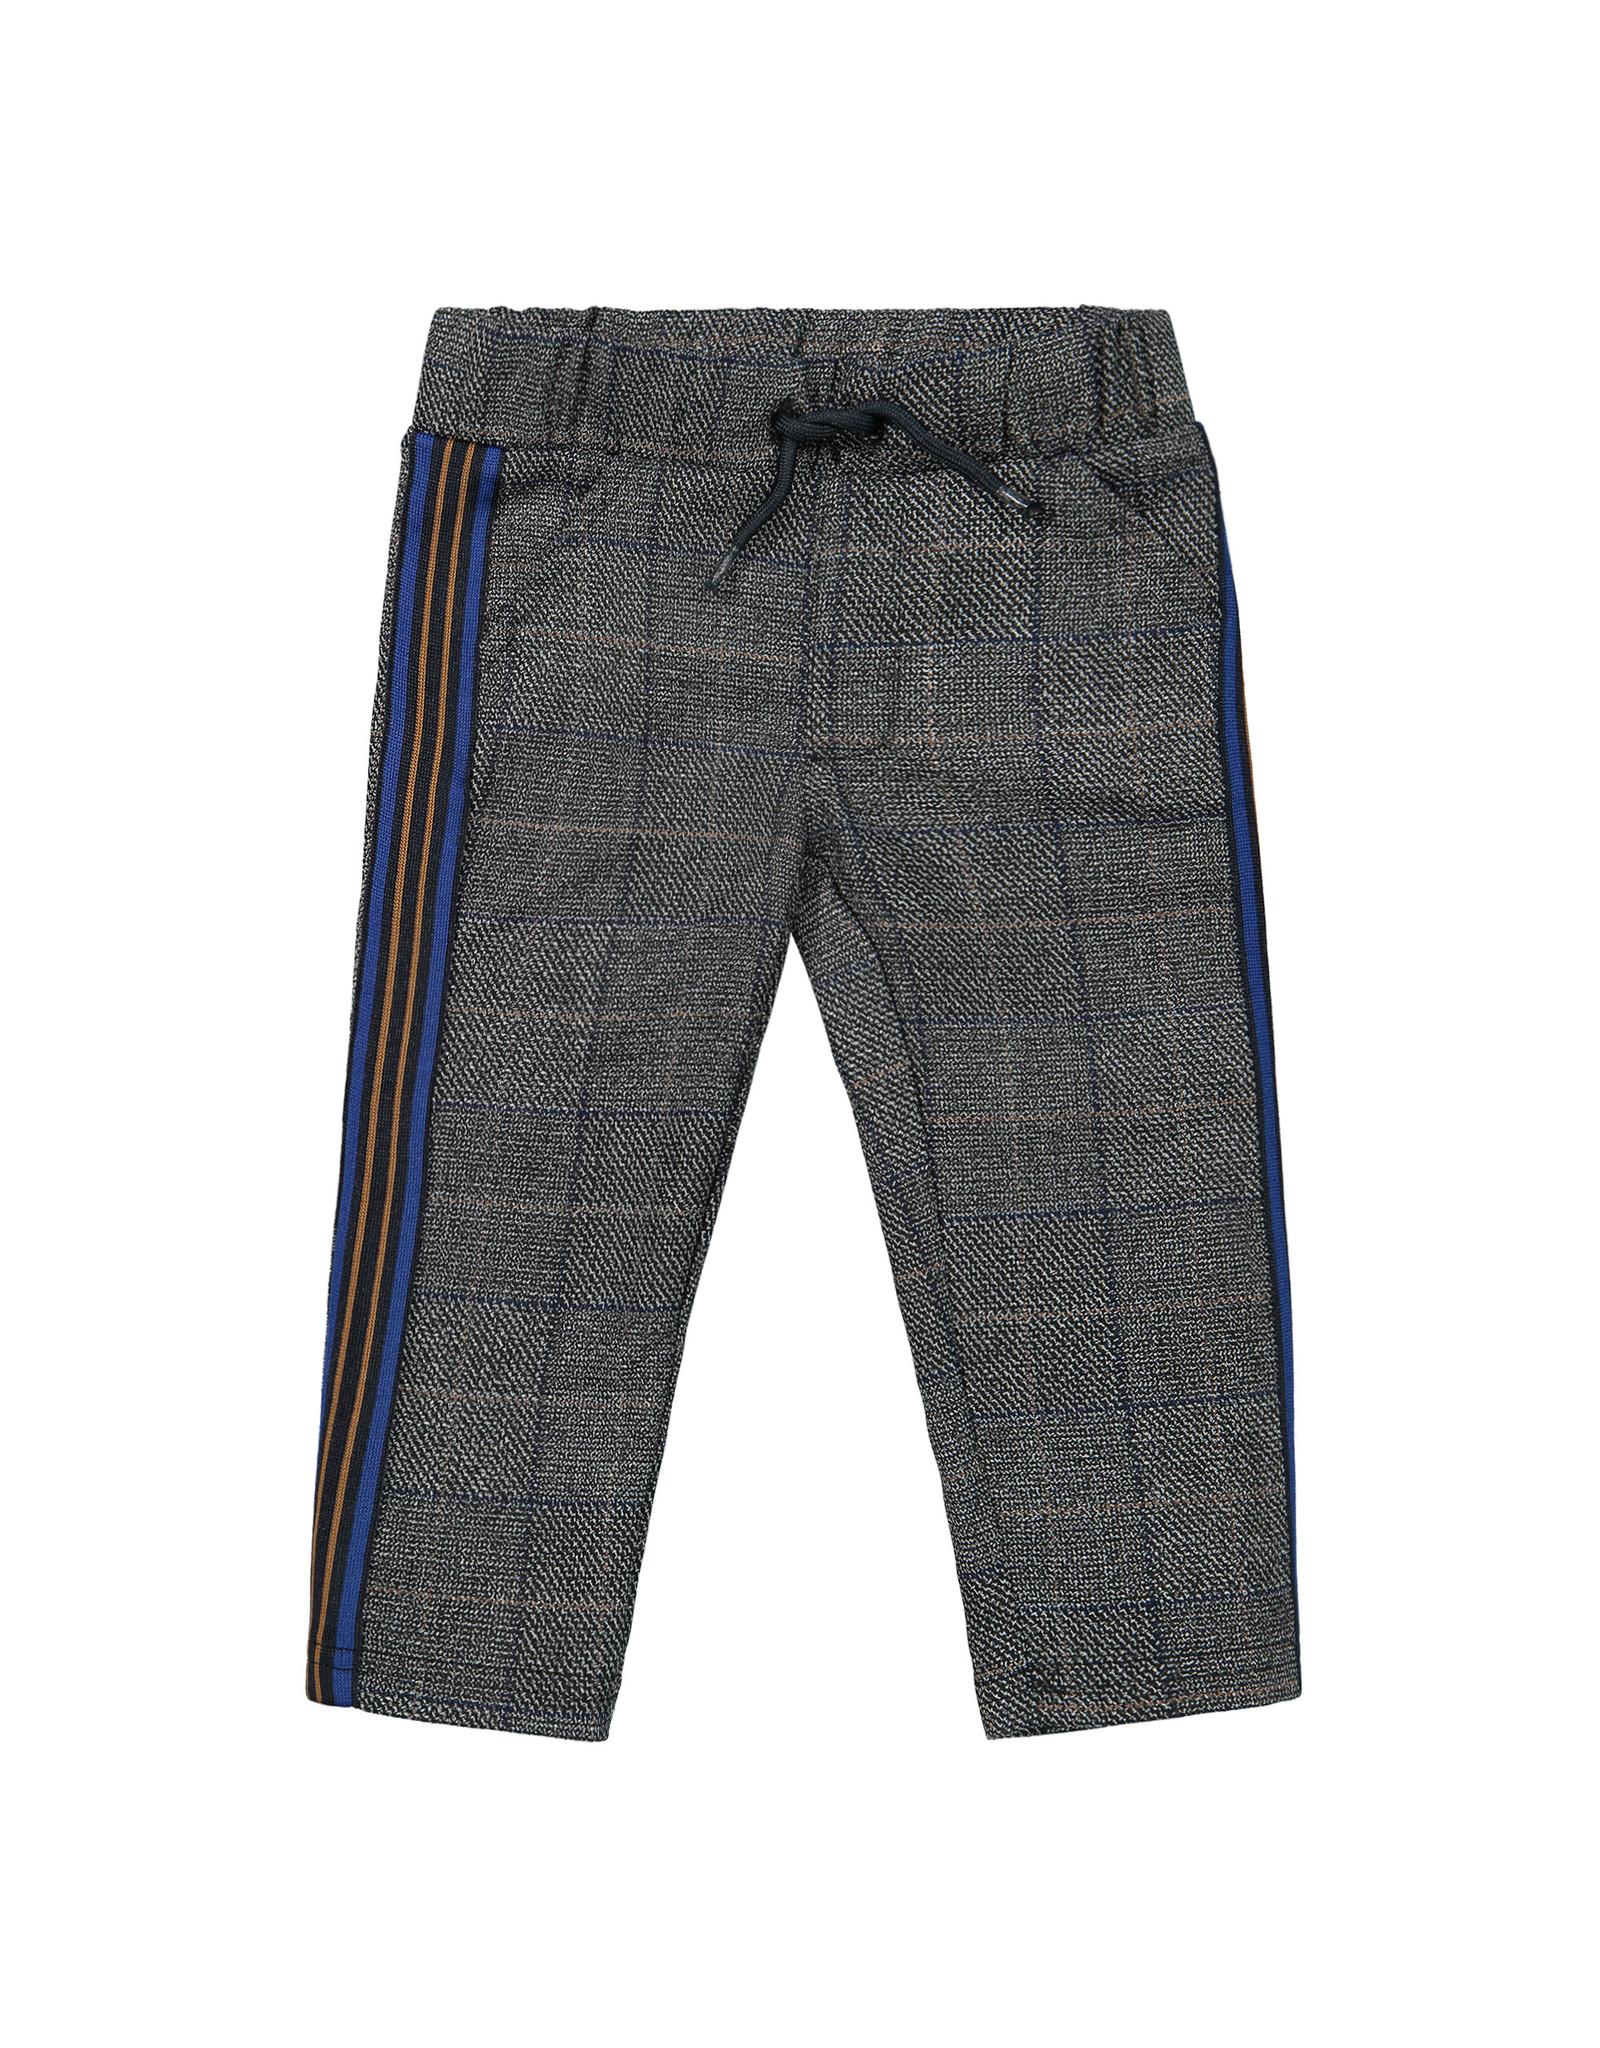 Koko Noko Boys Trousers Grey